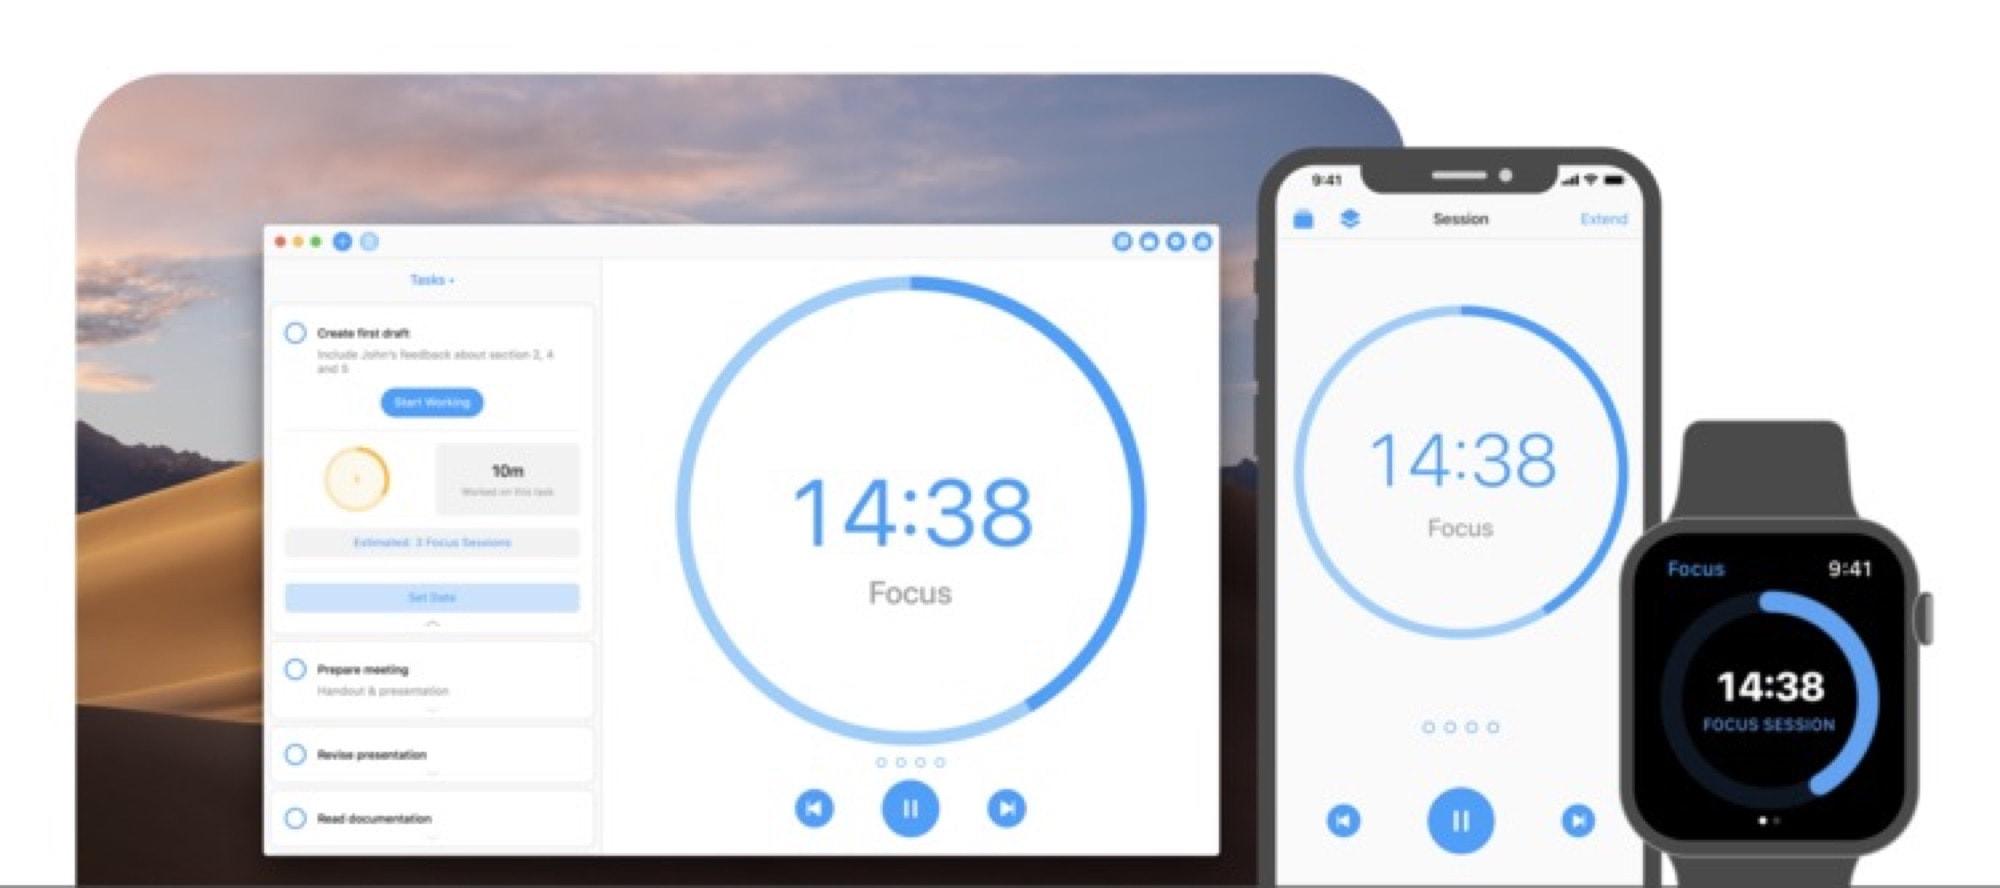 Sforum - Trang thông tin công nghệ mới nhất website-header-light-copy 5 ứng dụng cần thiết trên iOS để làm việc tại nhà hiệu quả hơn trong mùa dịch